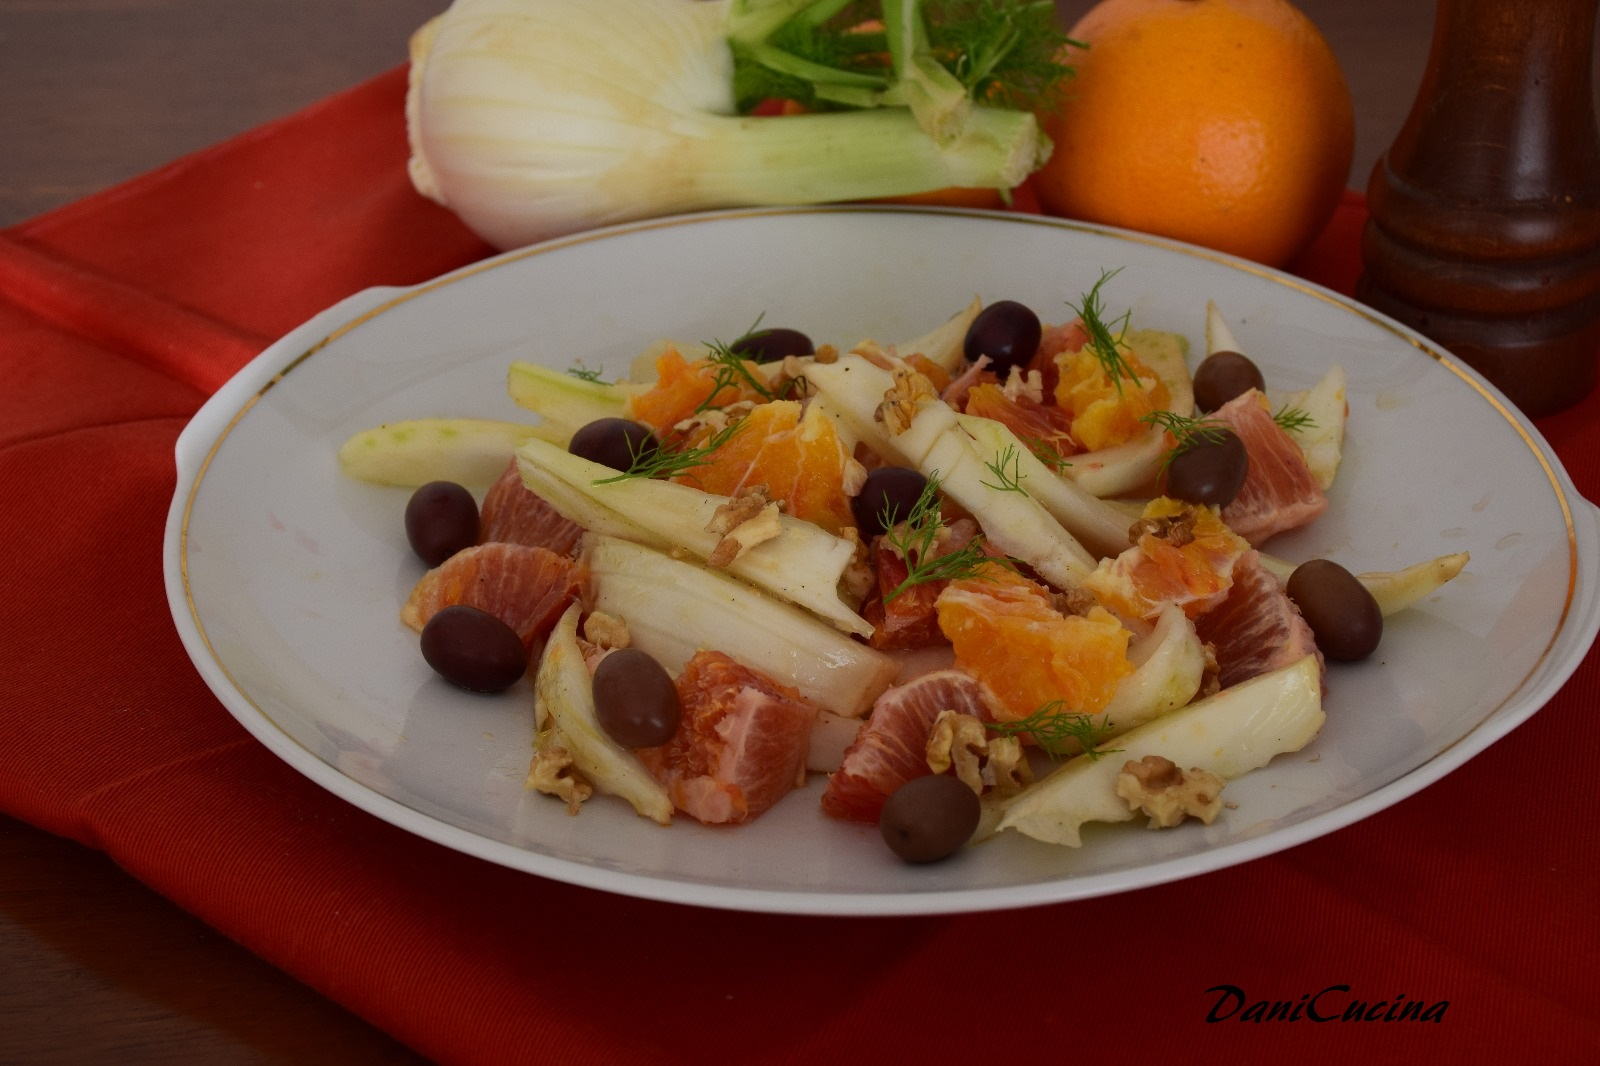 Insalata di finocchi e arance (con noci e olive)